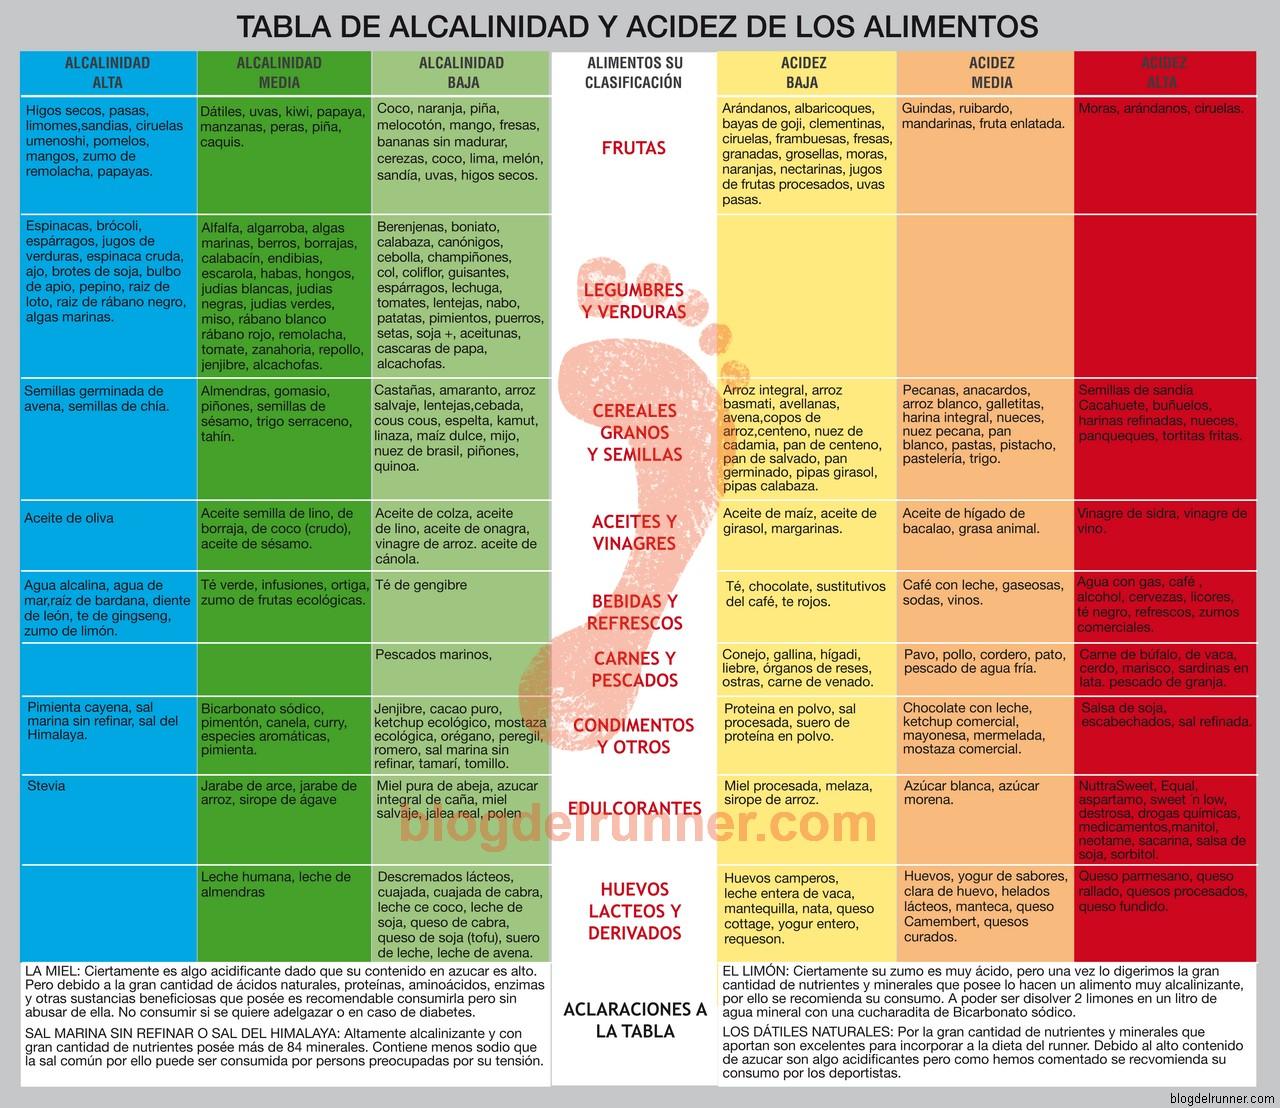 Como combinar alimentos alcalinos y acidos